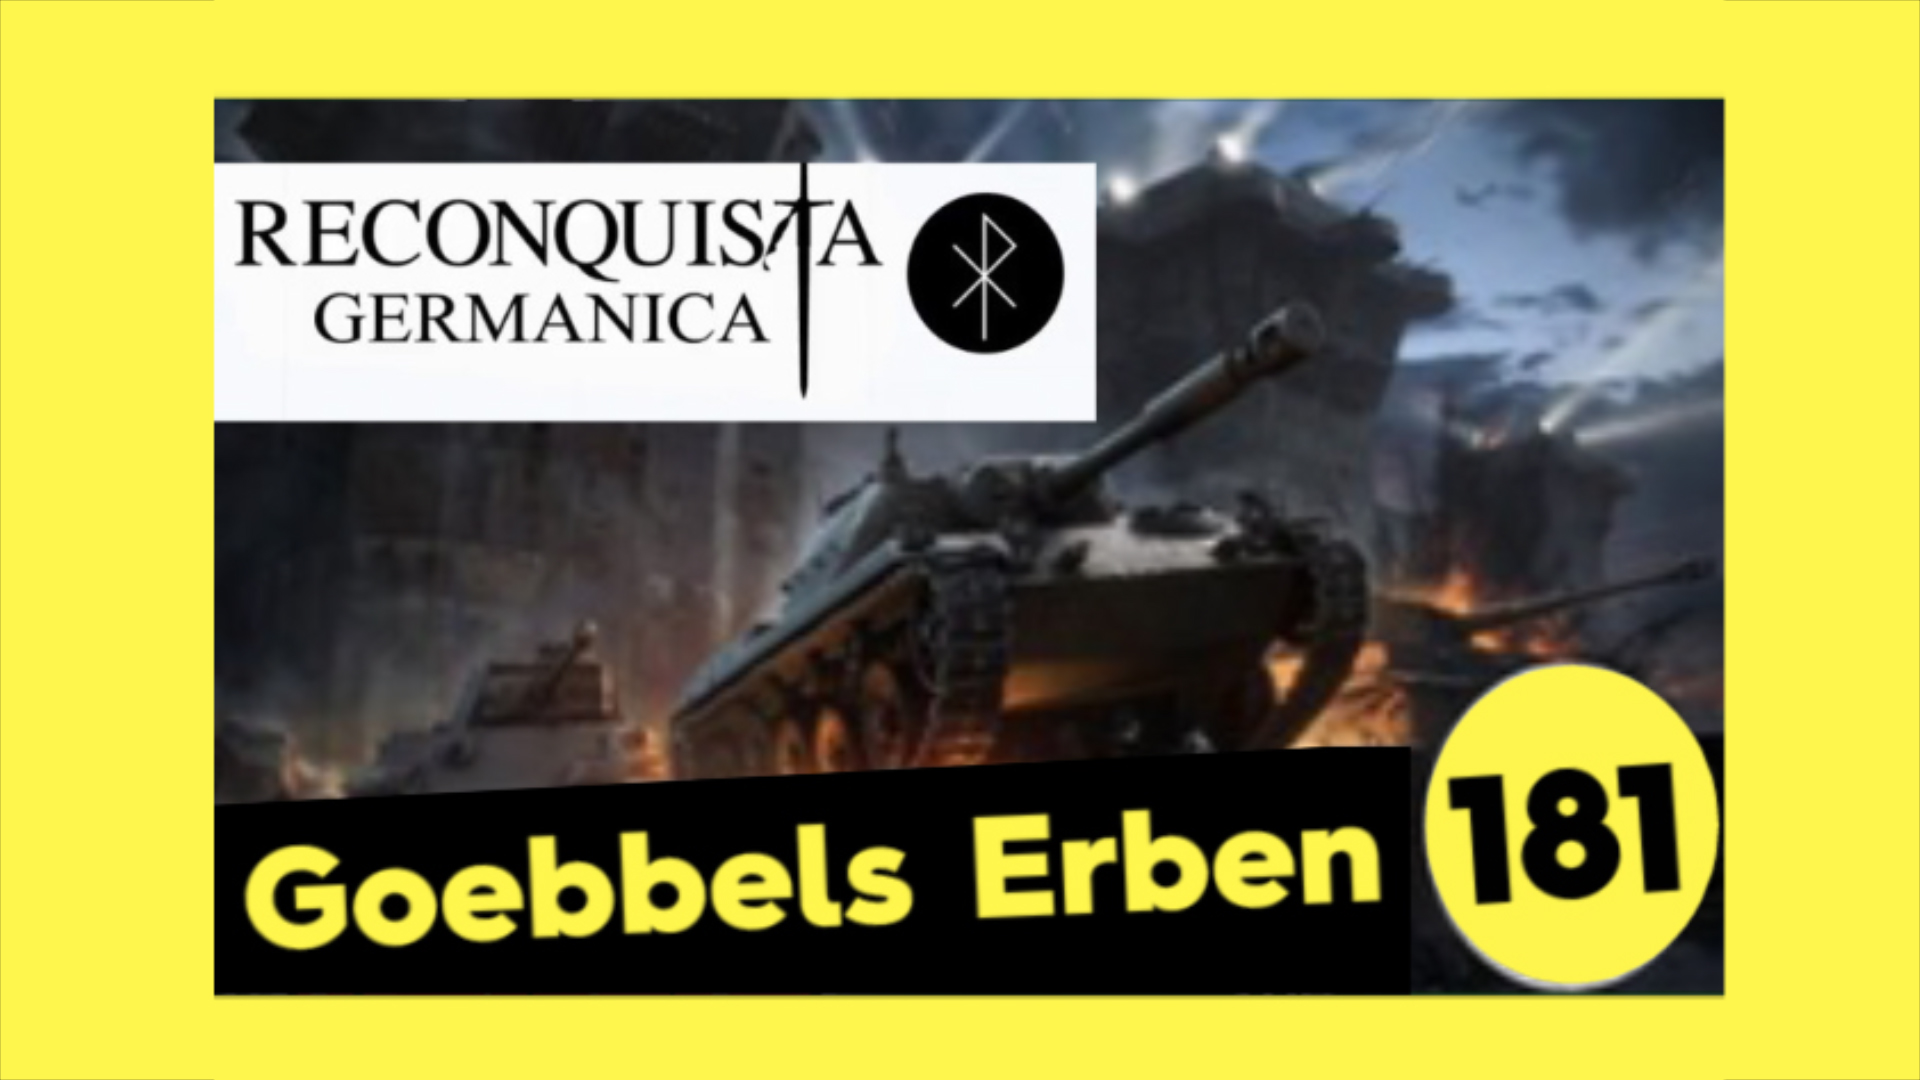 Goebbels Erben – Rechte Gruppen im Netz (probono Magazin)